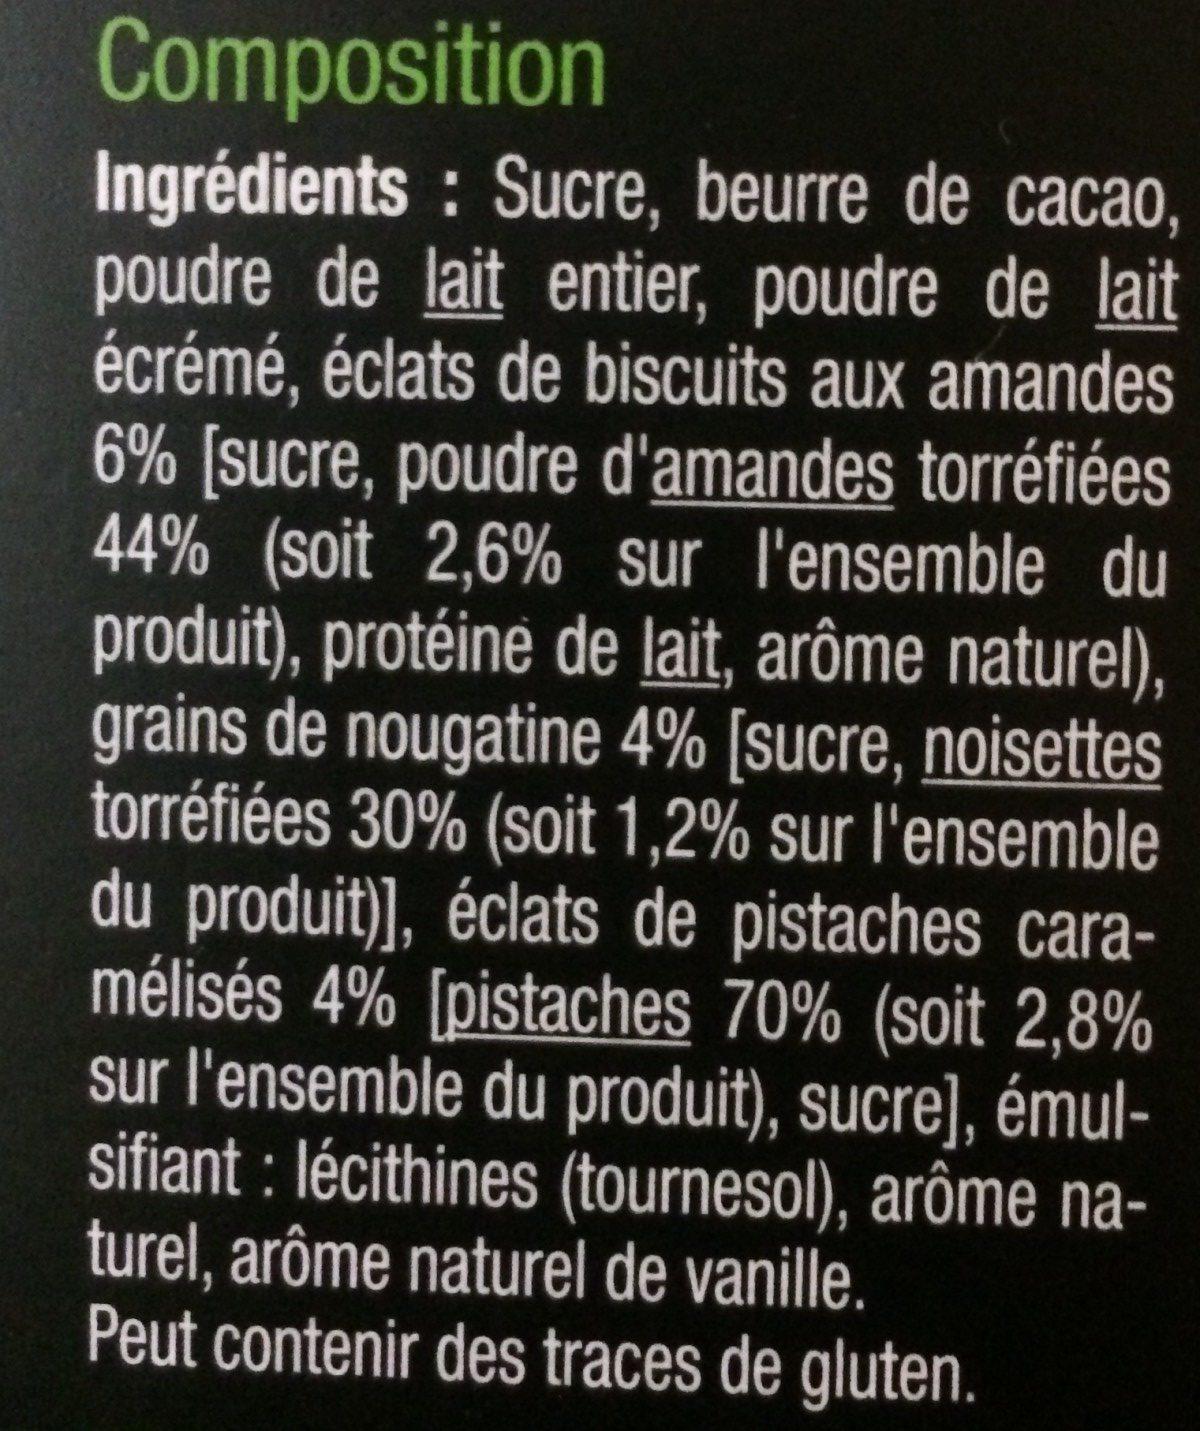 Blanc nougatine et pistache - Ingrédients - fr